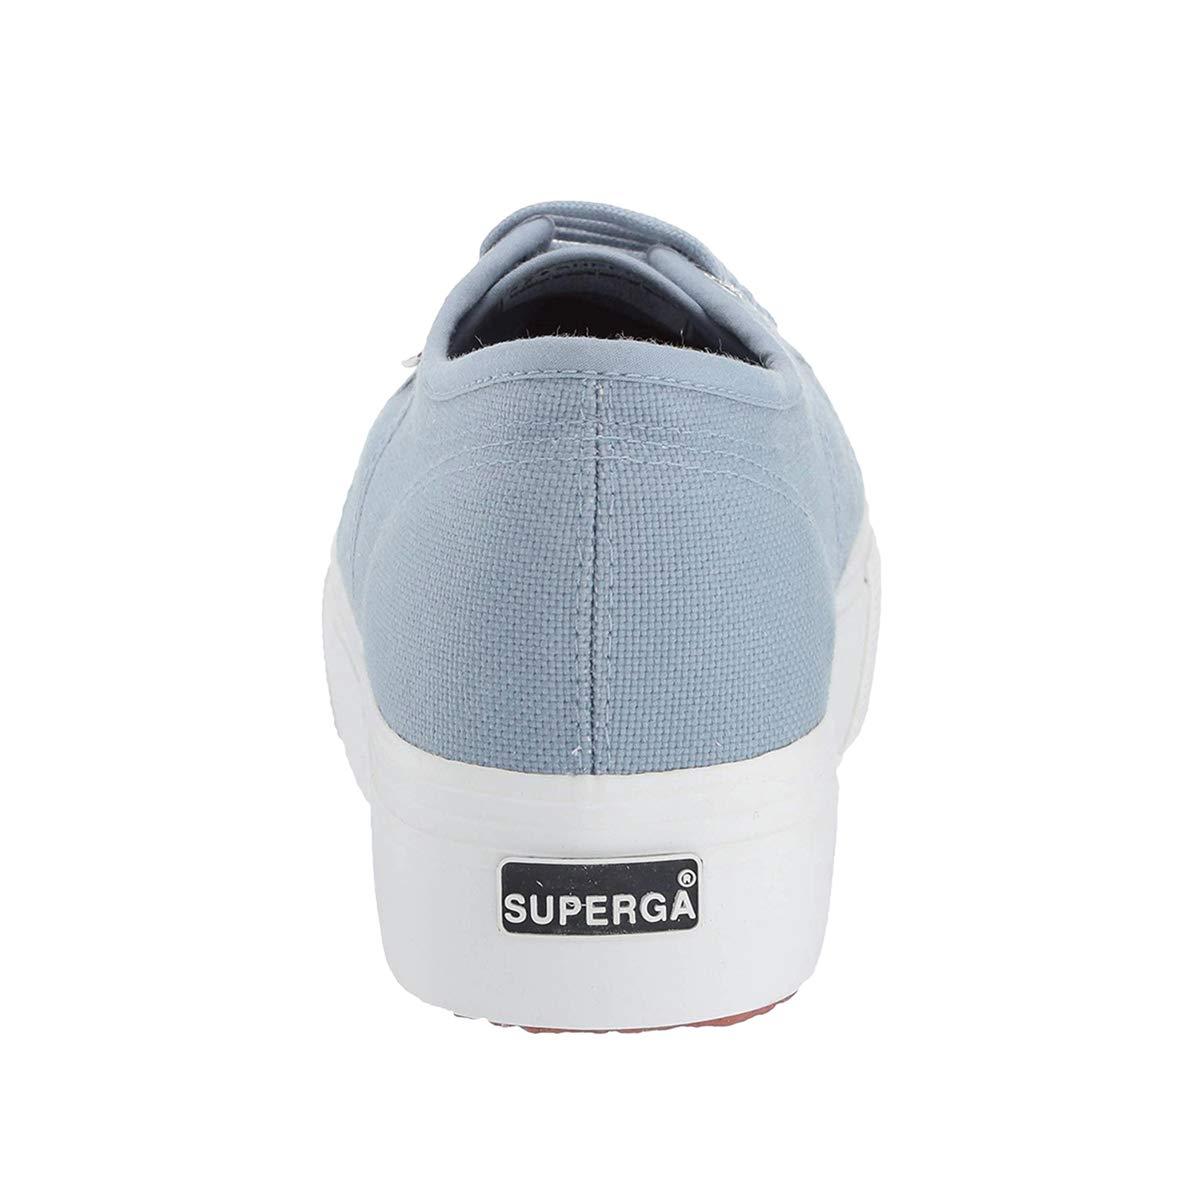 Superga 2790acotw Linea Up Up Up And Down, scarpe da ginnastica Donna | Il Più Economico  372ab3